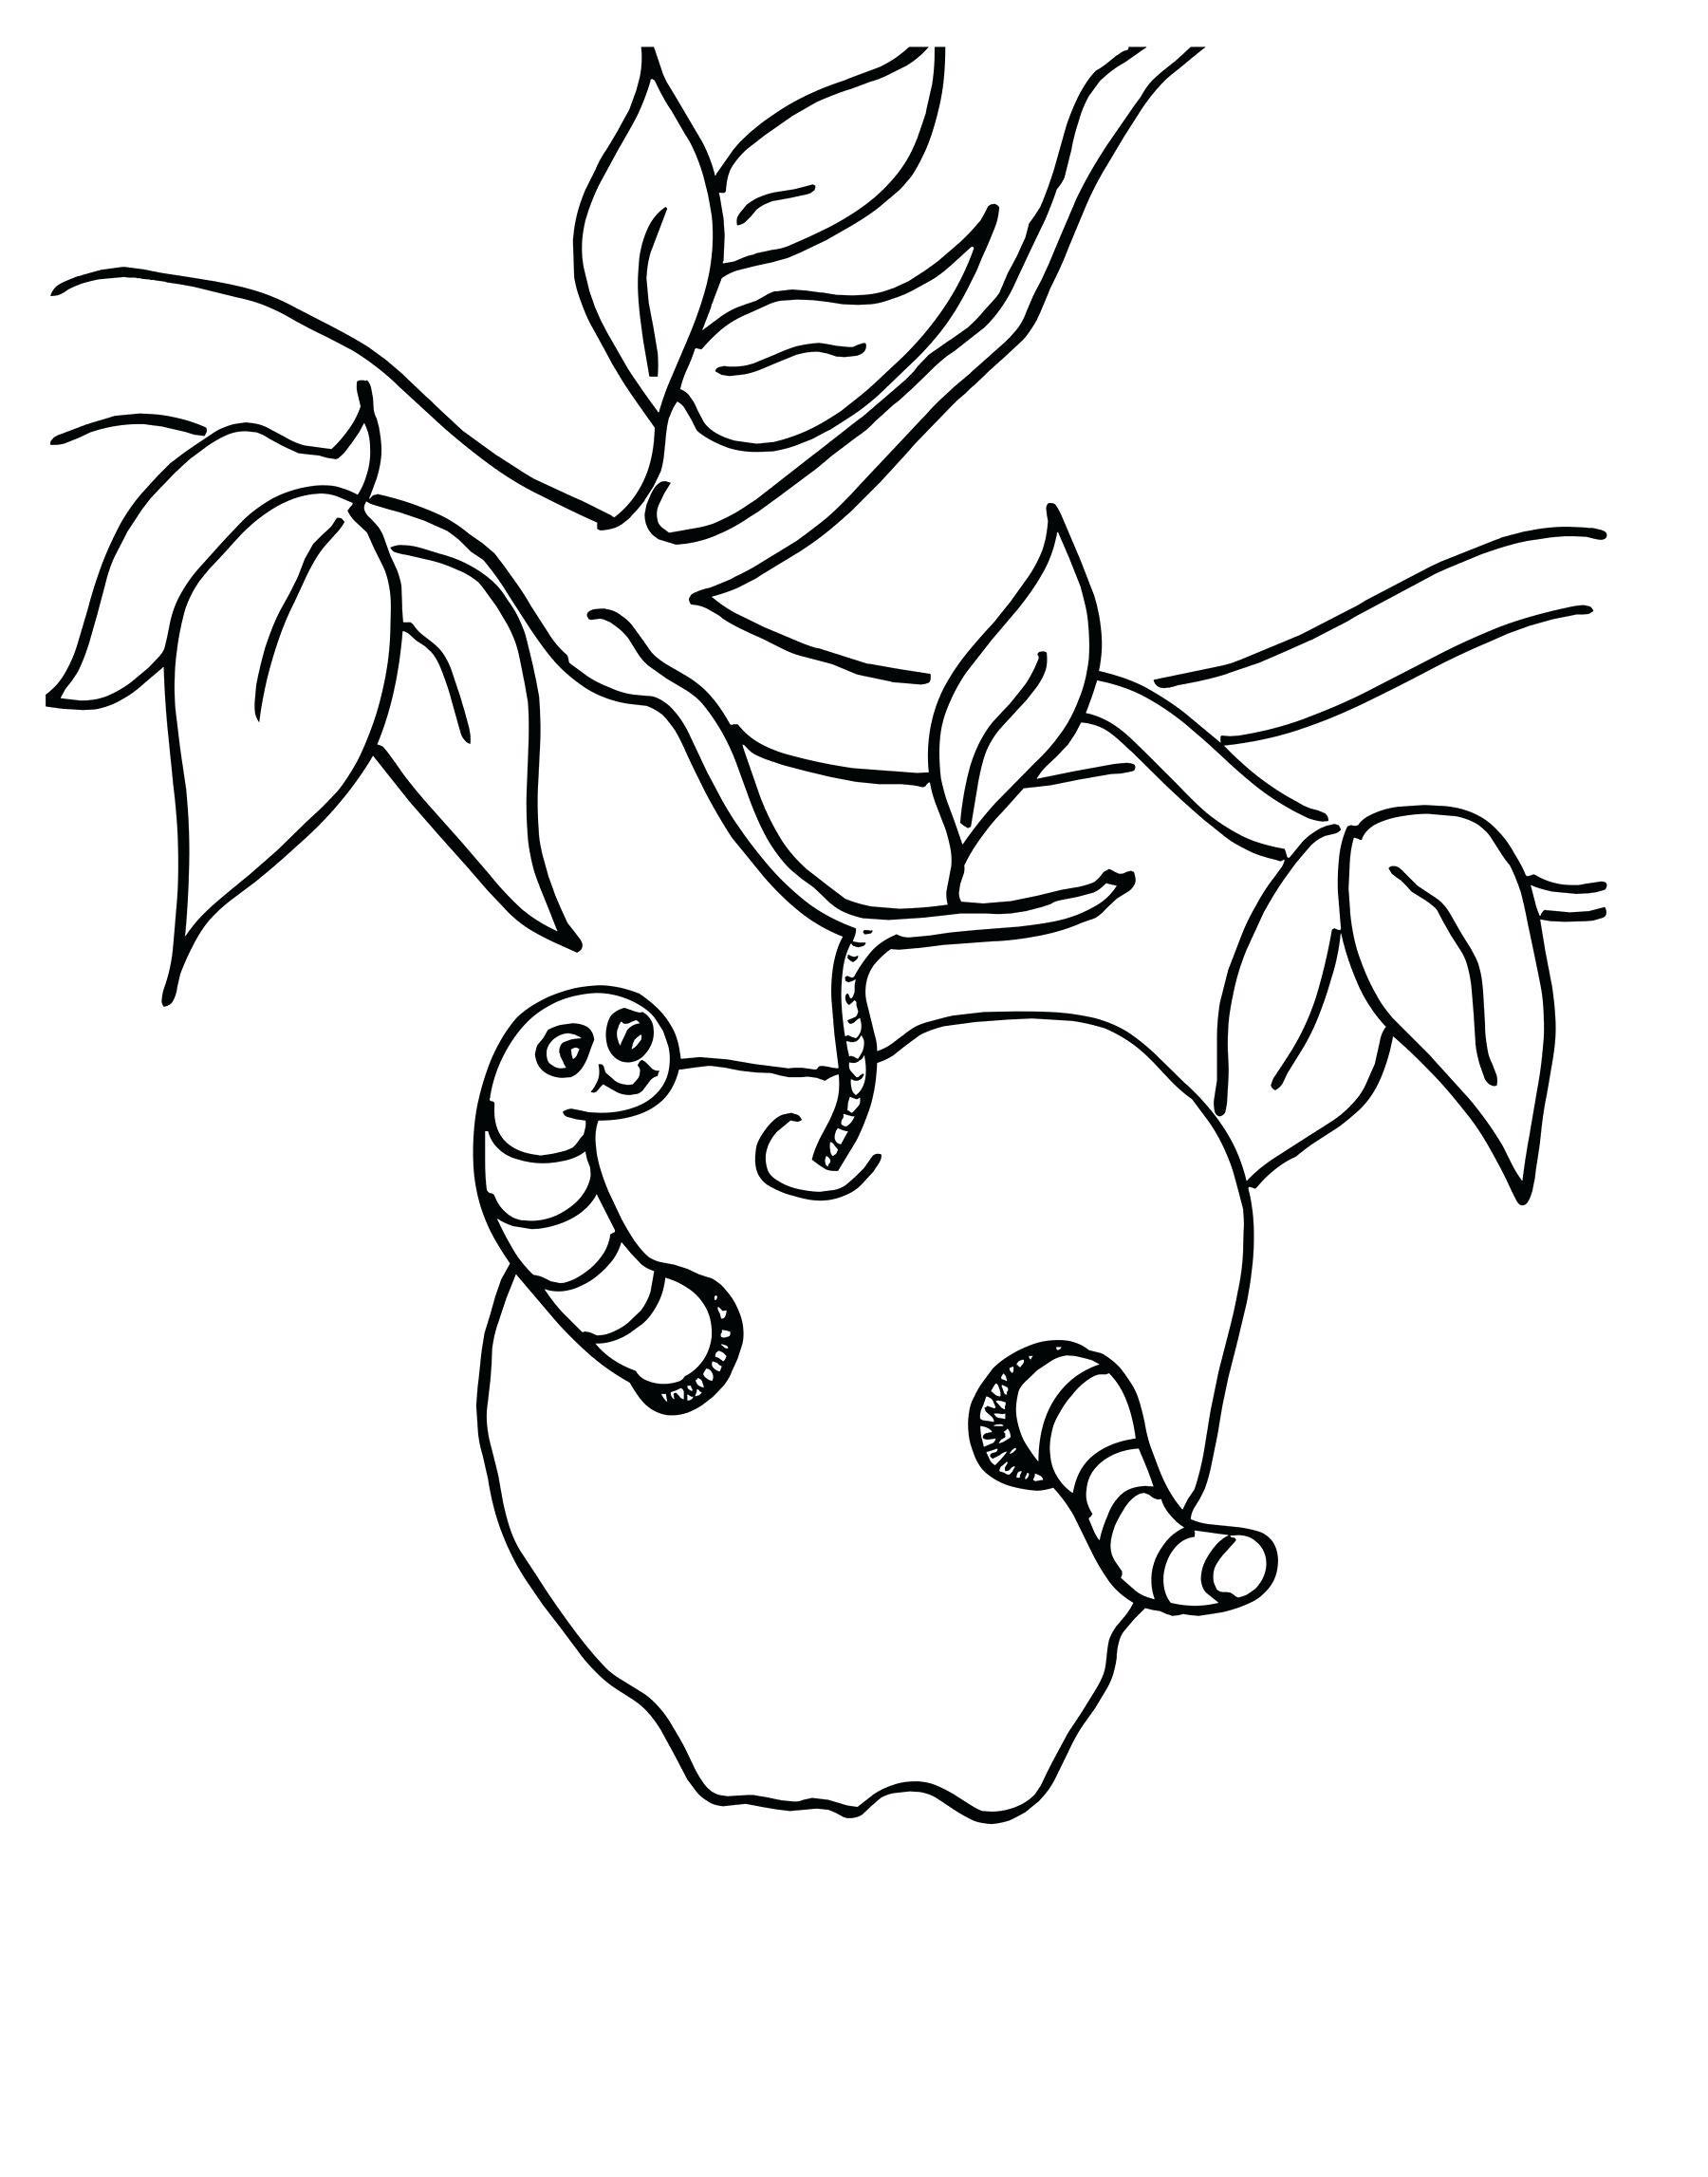 Раскраска червь в яблоке